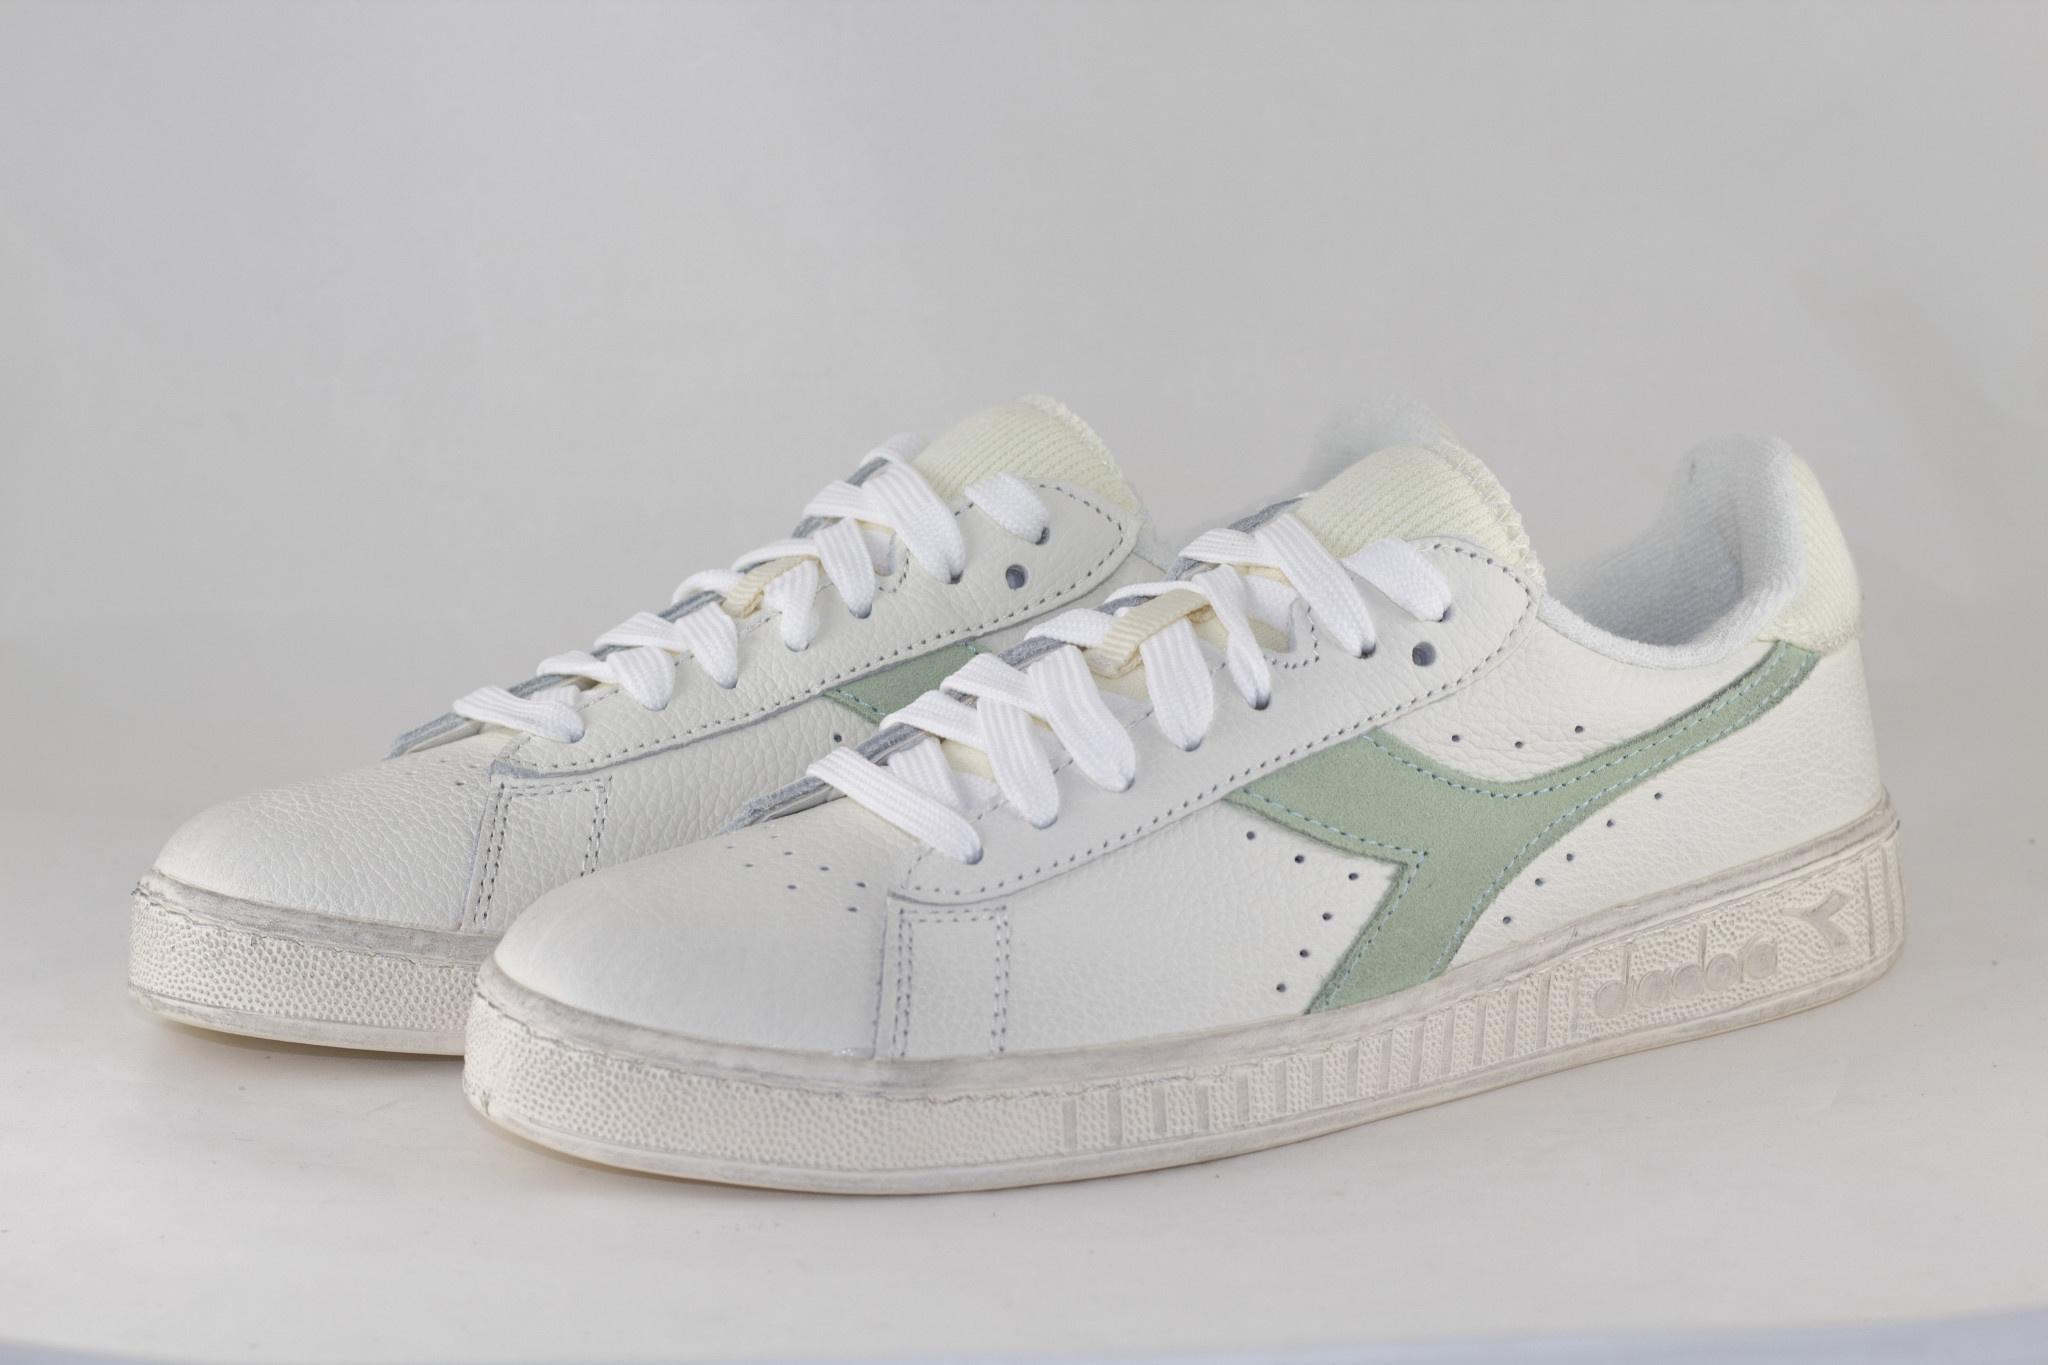 DIADORA GAME LOW ICONA WN White/ Celadon Green